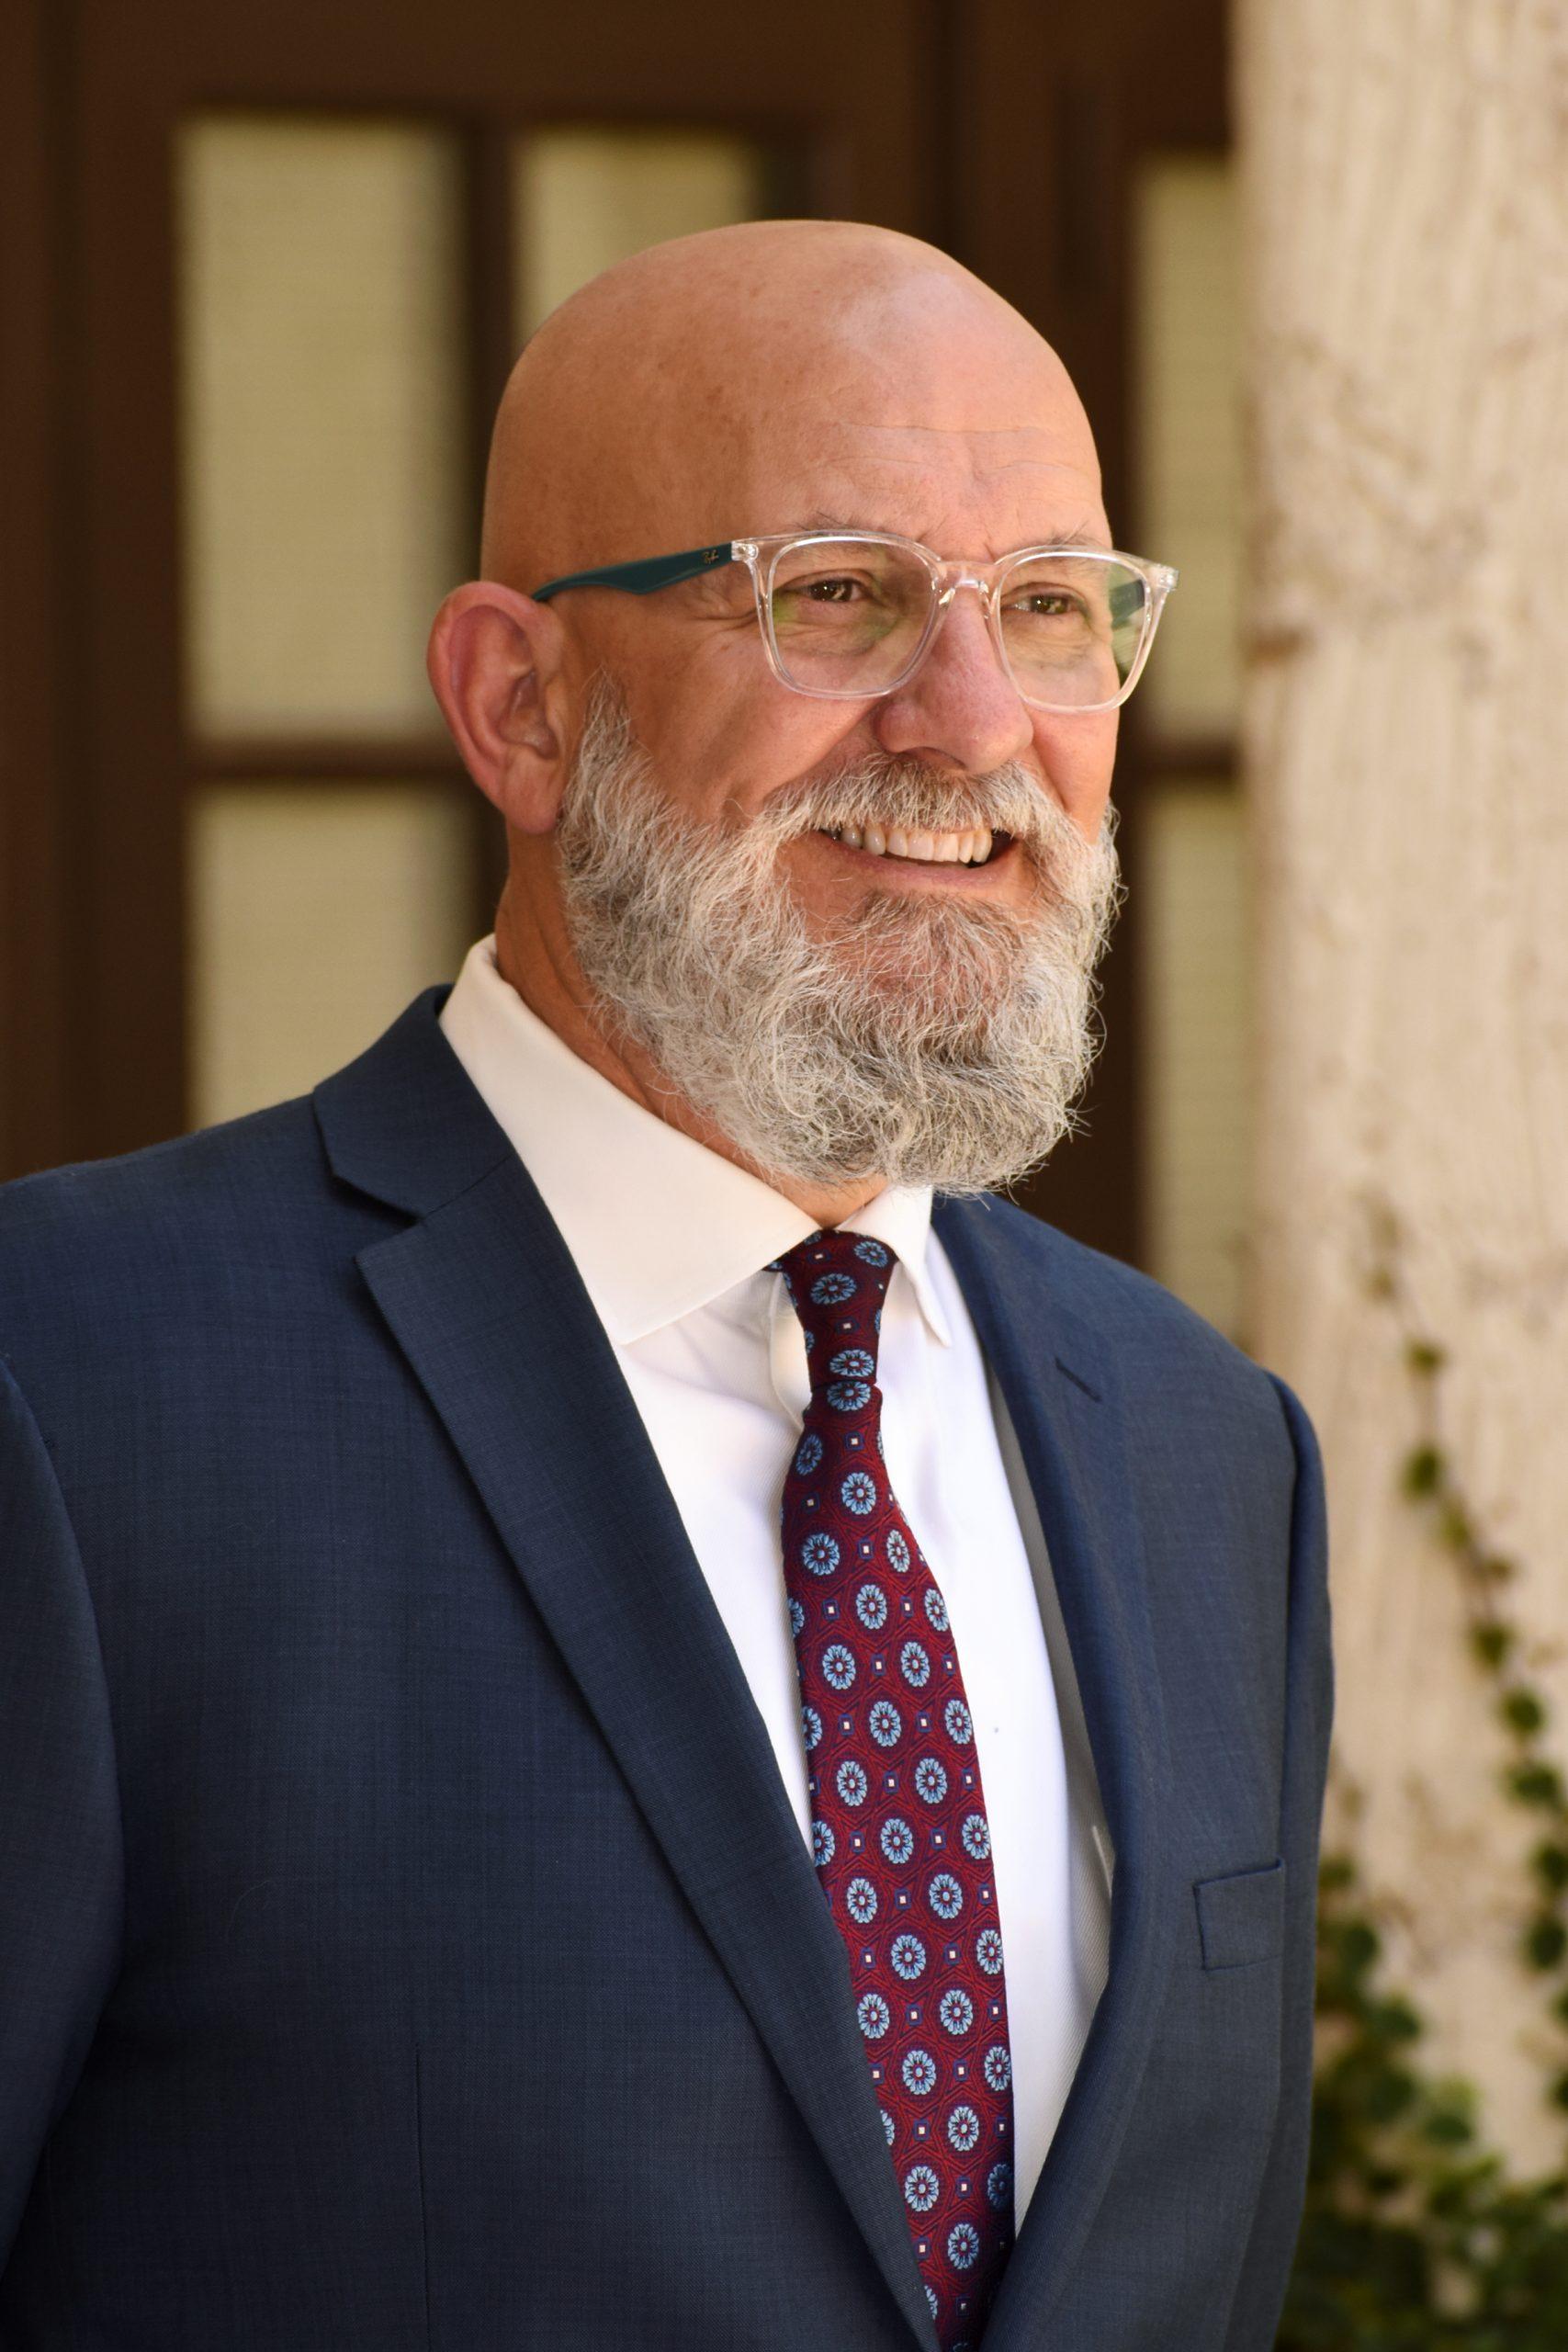 Dr. Dave McIntyre